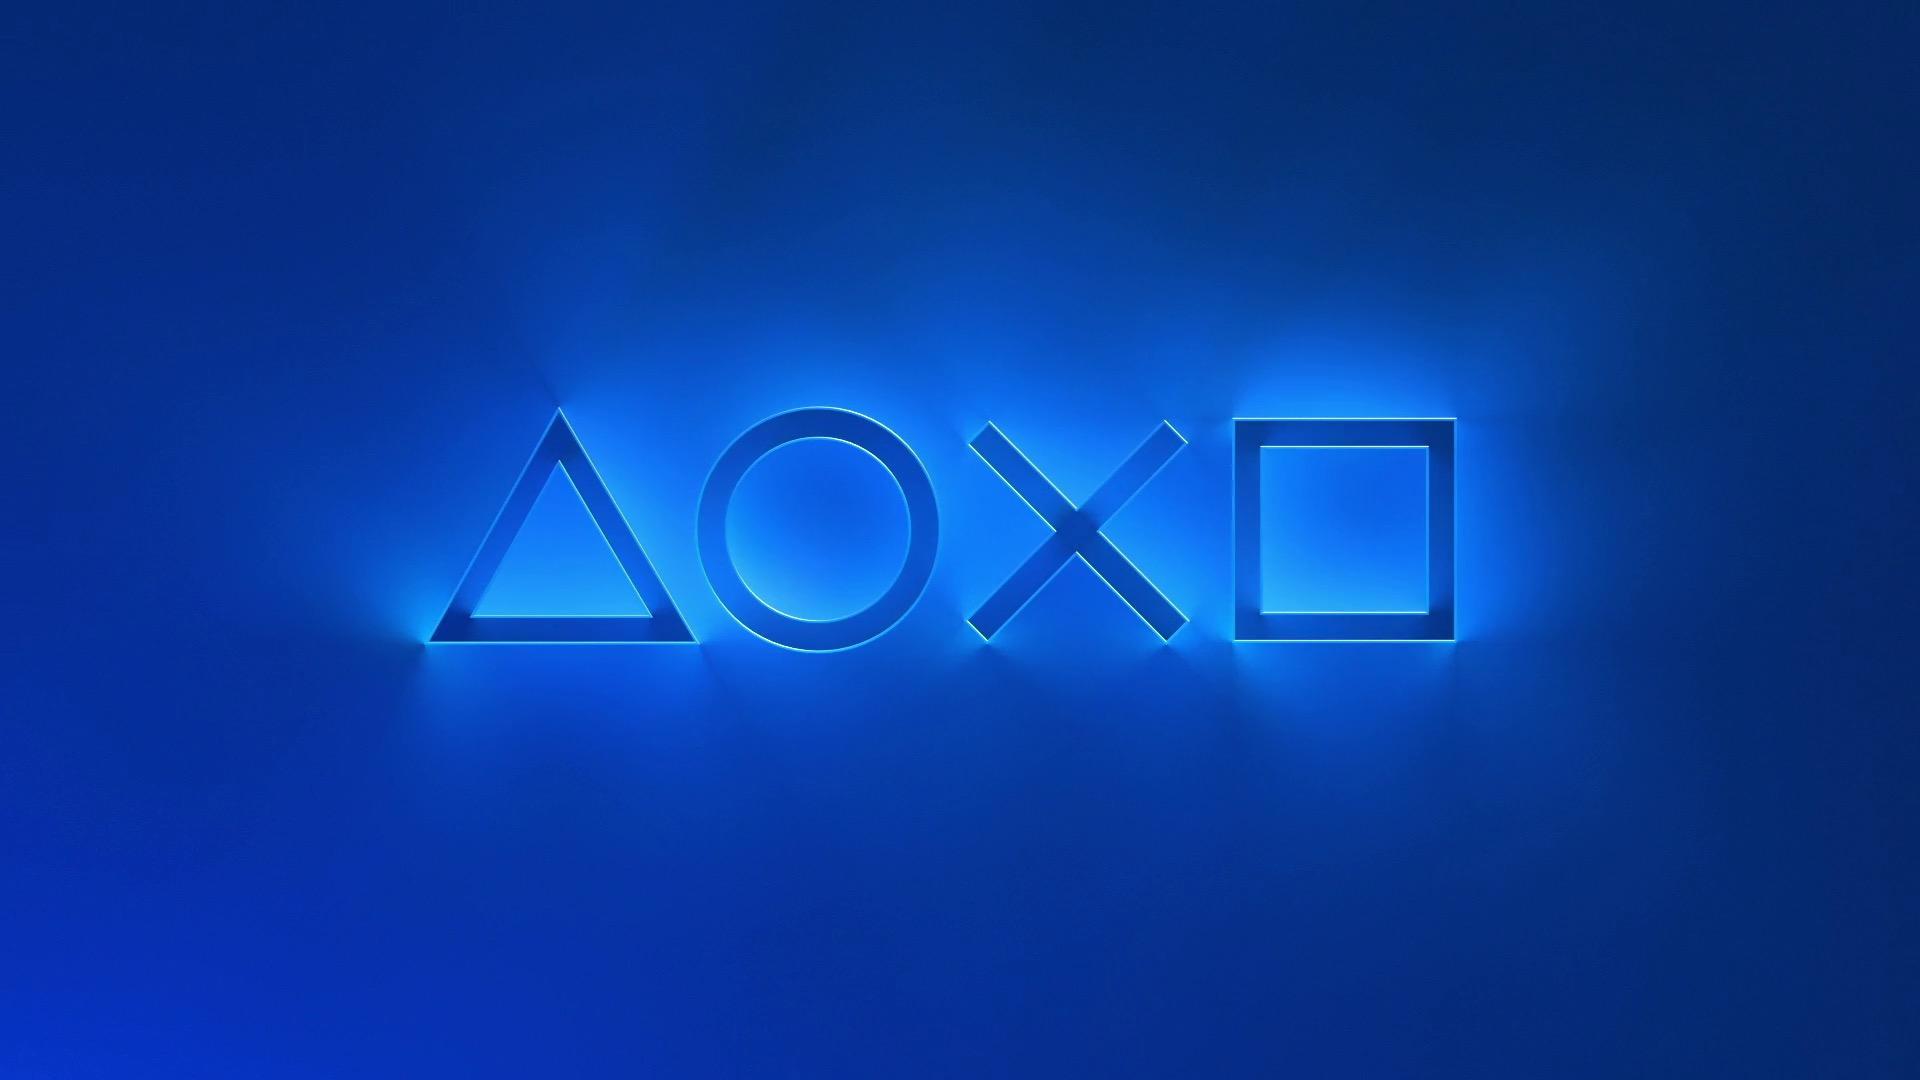 PS5 showcase September 2020